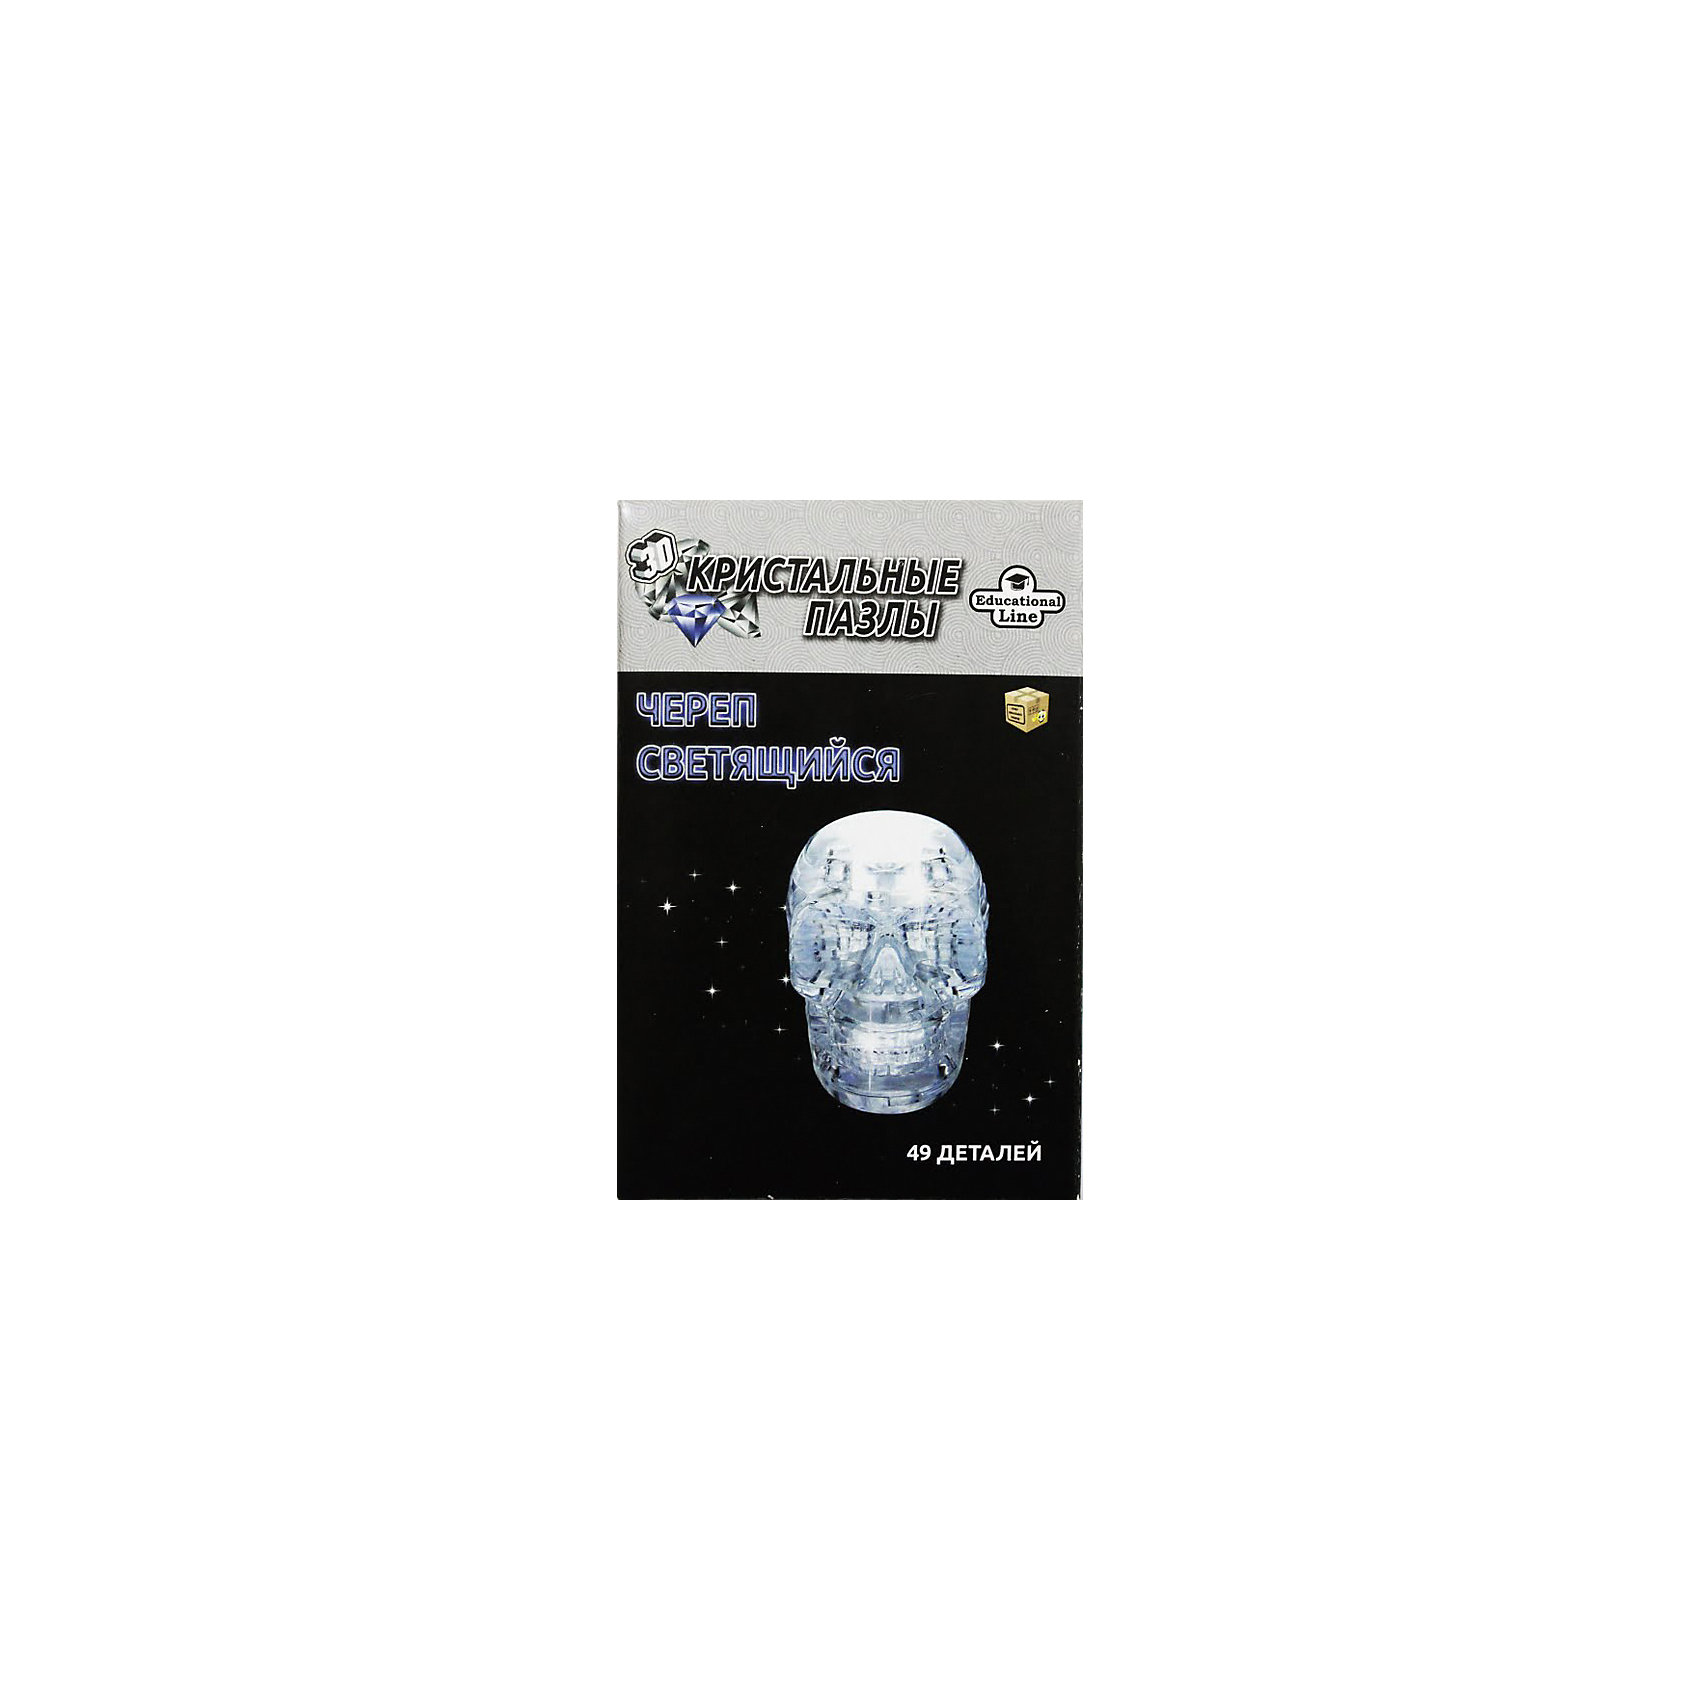 Кристаллический пазл 3D Череп  L3D пазлы<br>Характеристики товара:<br><br>• возраст: от 8 лет;<br>• материал: пластик;<br>• в комплекте: 49 элементов, инструкция;<br>• размер упаковки: 18х14х4 см;<br>• вес упаковки: 128 гр.;<br>• страна производитель: Китай.<br><br>Кристаллический пазл 3D «Череп» Educational Line позволит собрать объемную фигурку из пластиковых прозрачных деталей пазла. Все детали прочно соединяются между собой и крепко держатся. В процессе сборки пазла развиваются мелкая моторика рук, усидчивость, внимательность, логическое мышление. <br><br>Кристаллический пазл 3D «Череп» Educational Line можно приобрести в нашем интернет-магазине.<br><br>Ширина мм: 13<br>Глубина мм: 18<br>Высота мм: 4<br>Вес г: 129<br>Возраст от месяцев: 96<br>Возраст до месяцев: 2147483647<br>Пол: Унисекс<br>Возраст: Детский<br>Количество деталей: 49<br>SKU: 5362960